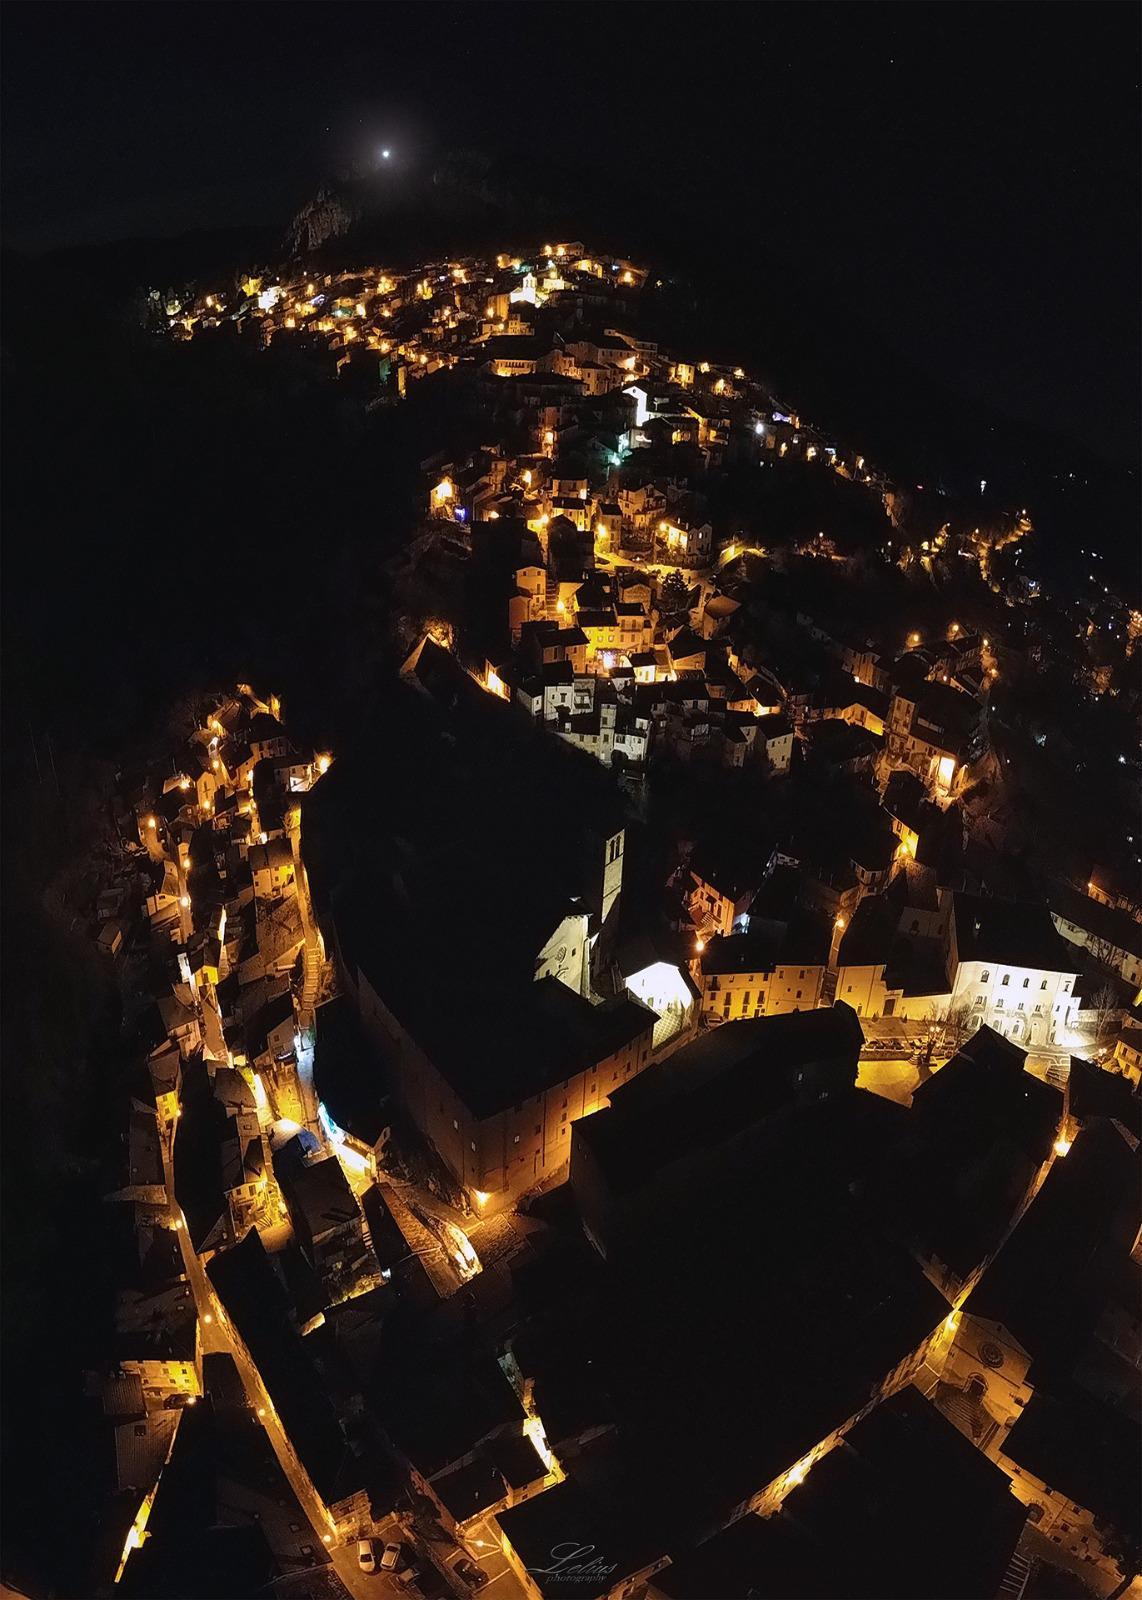 La storia di Natale: una luce sul monte Civita a Tagliacozzo nel ricordo di chi non c'è più